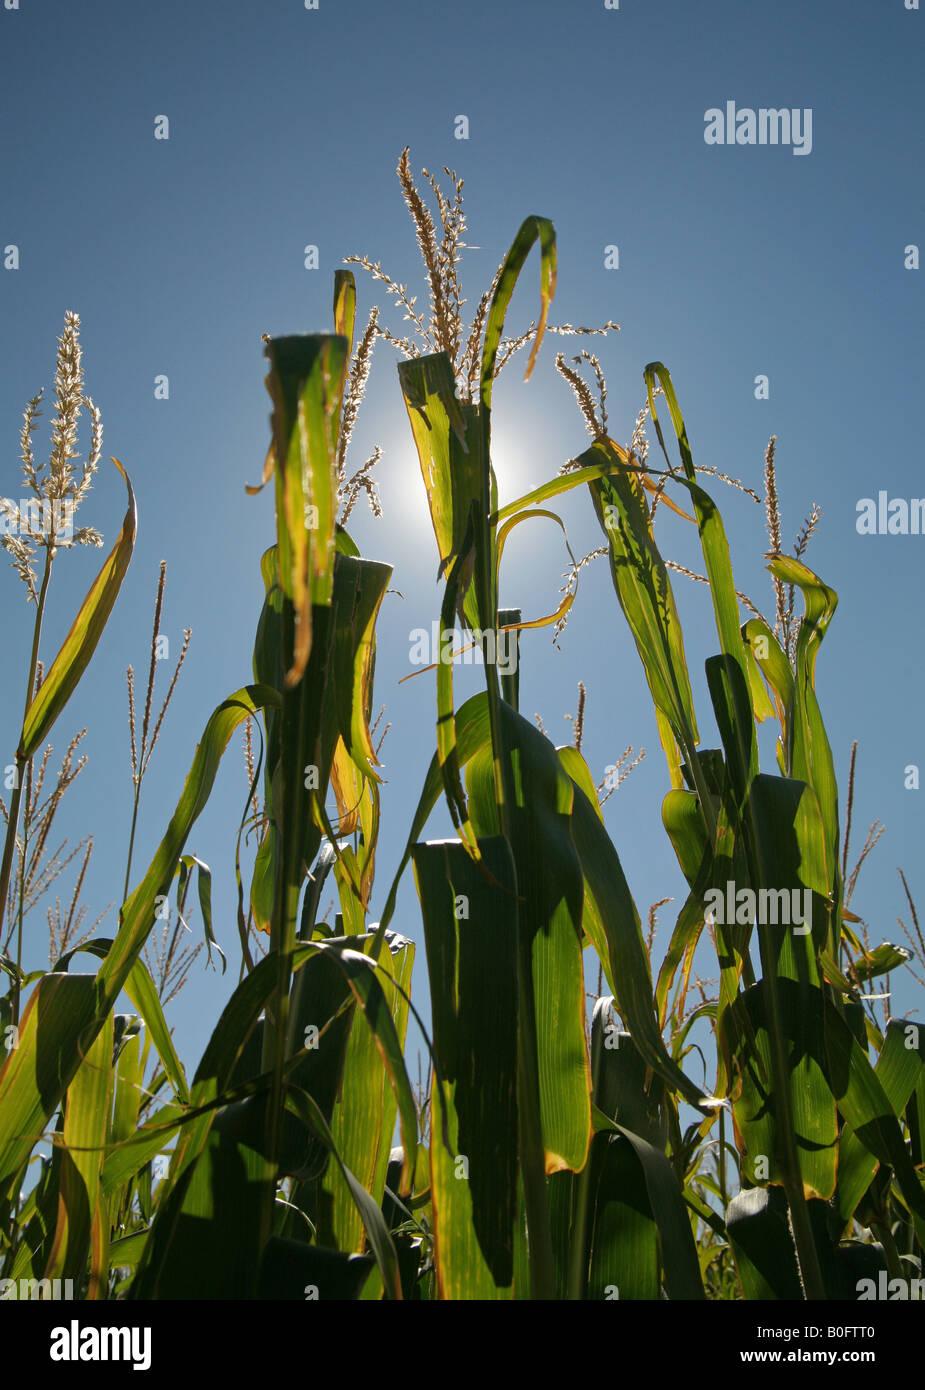 Les tiges de maïs tourné de dessous avec soleil derrière Photo Stock